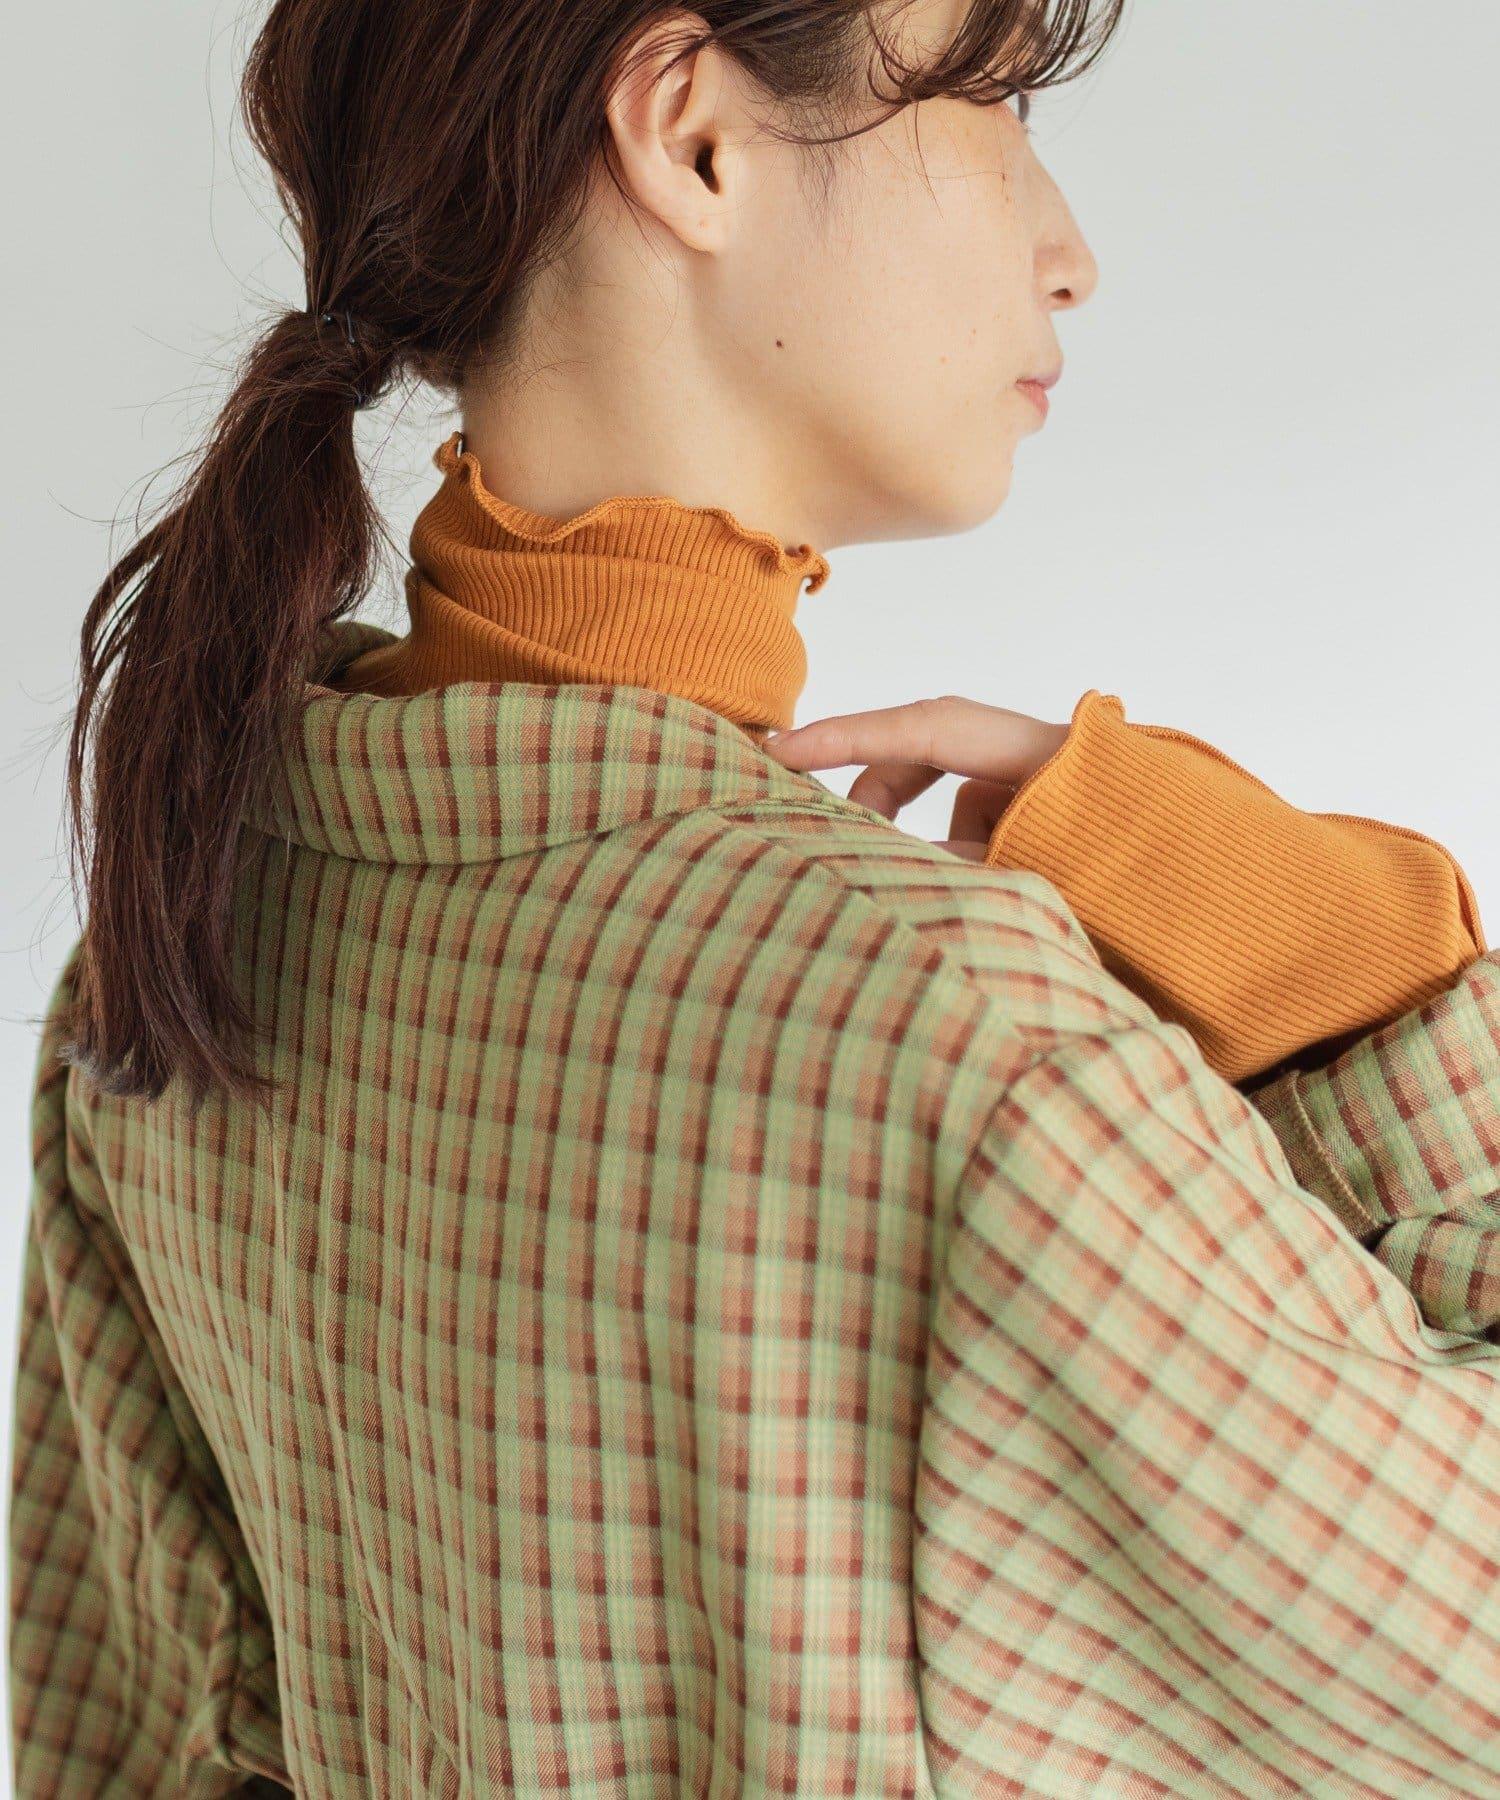 Kastane(カスタネ) 【WEB限定カラーあり】テレコメロウハイネックロンT